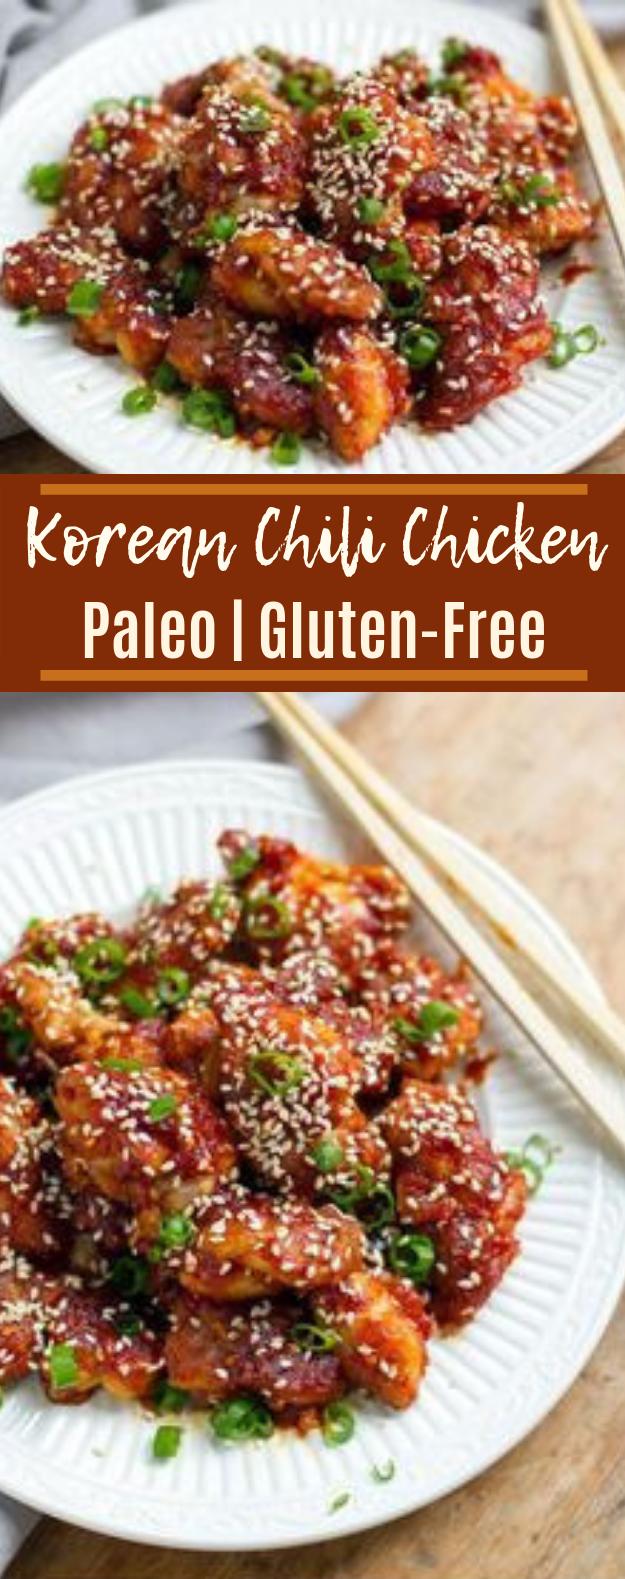 Korean Spicy Chicken (Paleo & Gluten-Free) #healthy #lowcarb